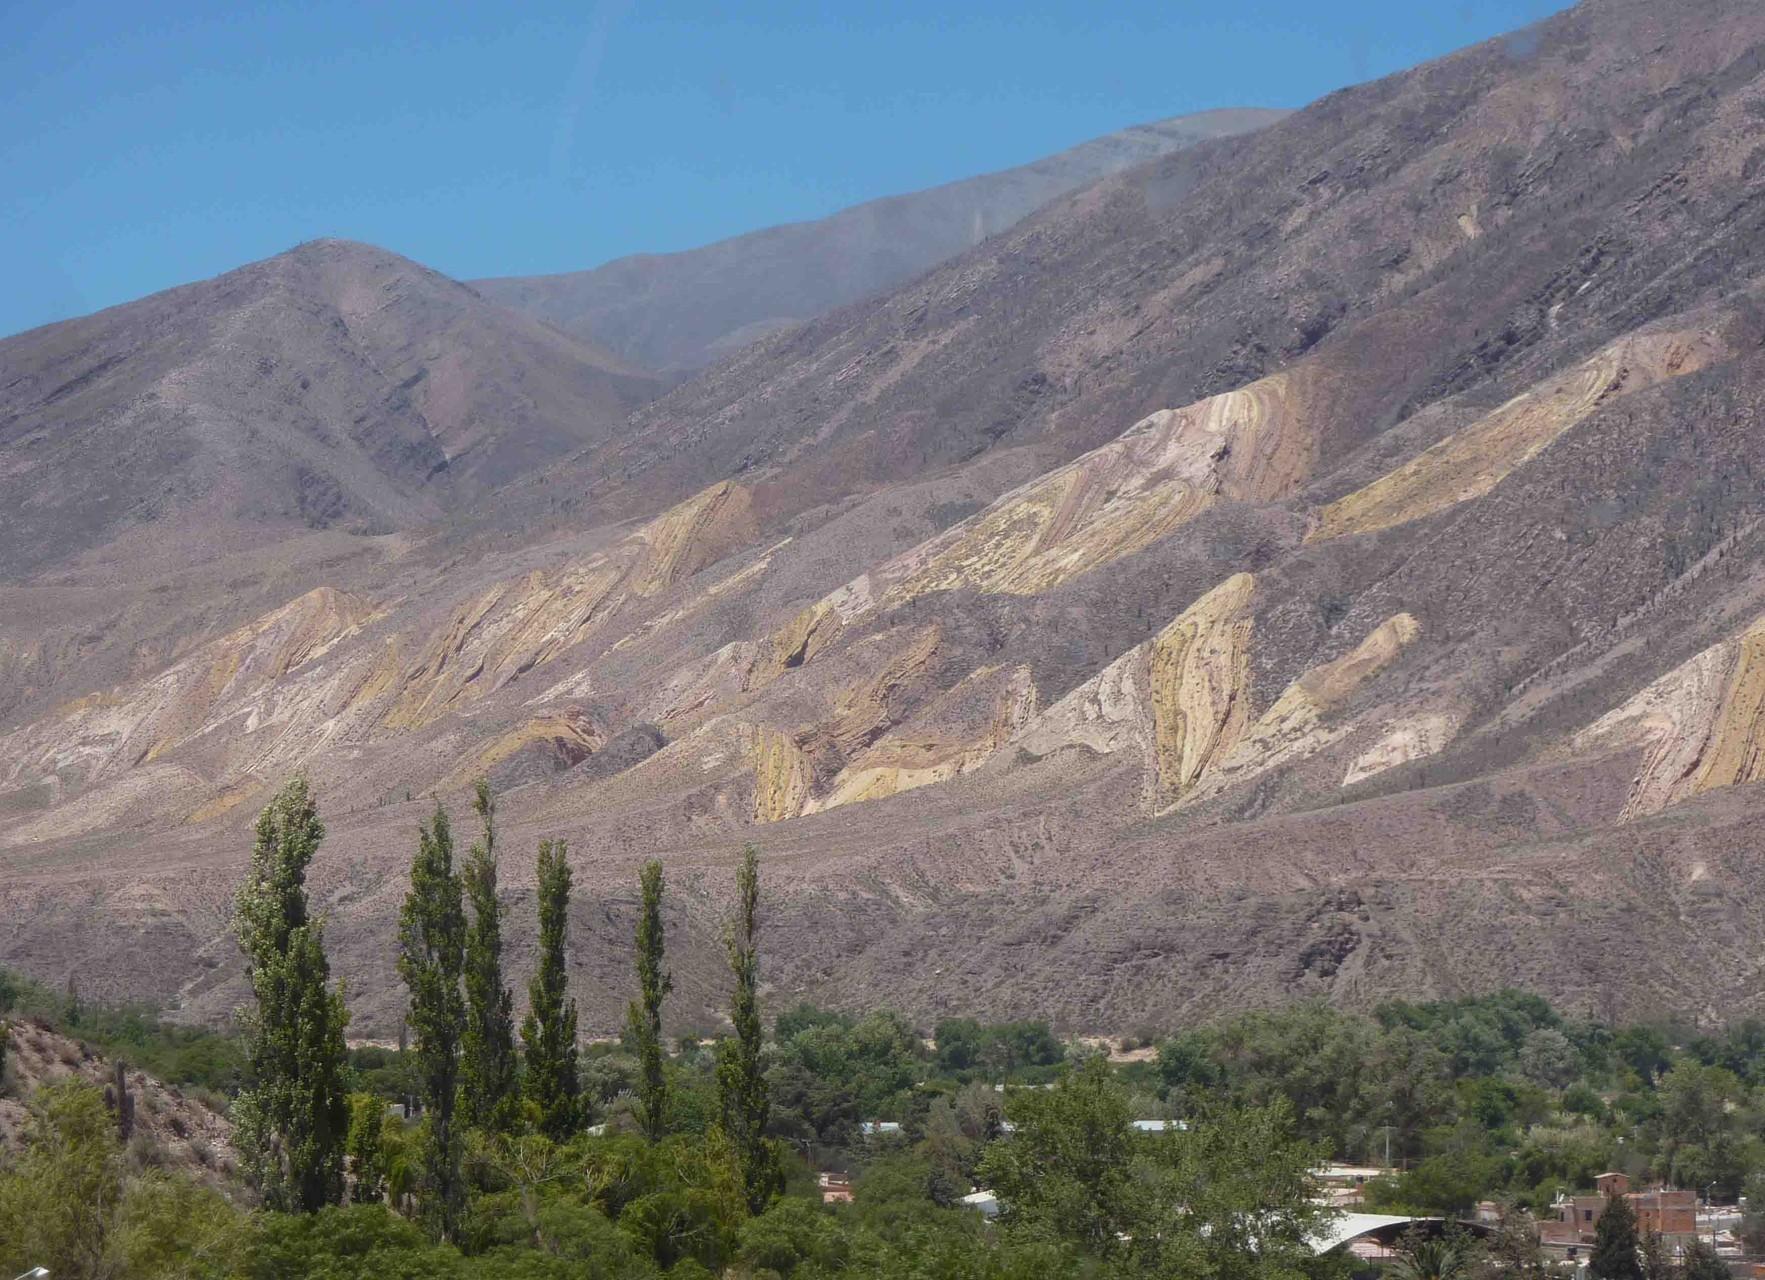 Vers la montagne aux 7 couleurs en direction de la Bolivie, la Quebrada de Humahuaca